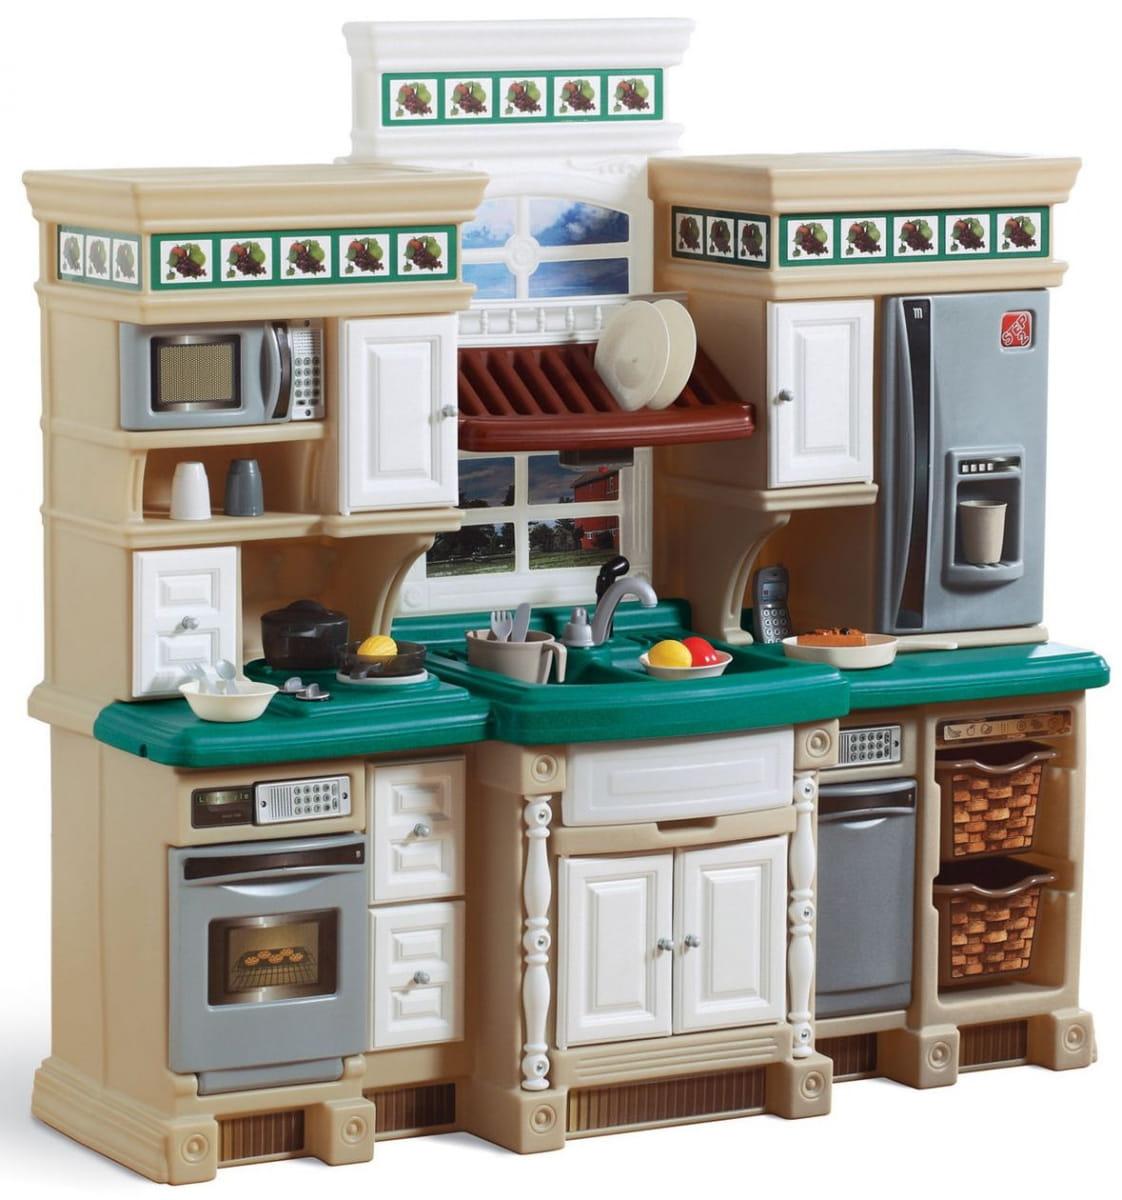 Детская кухня STEP2 Люкс - Детские кухни